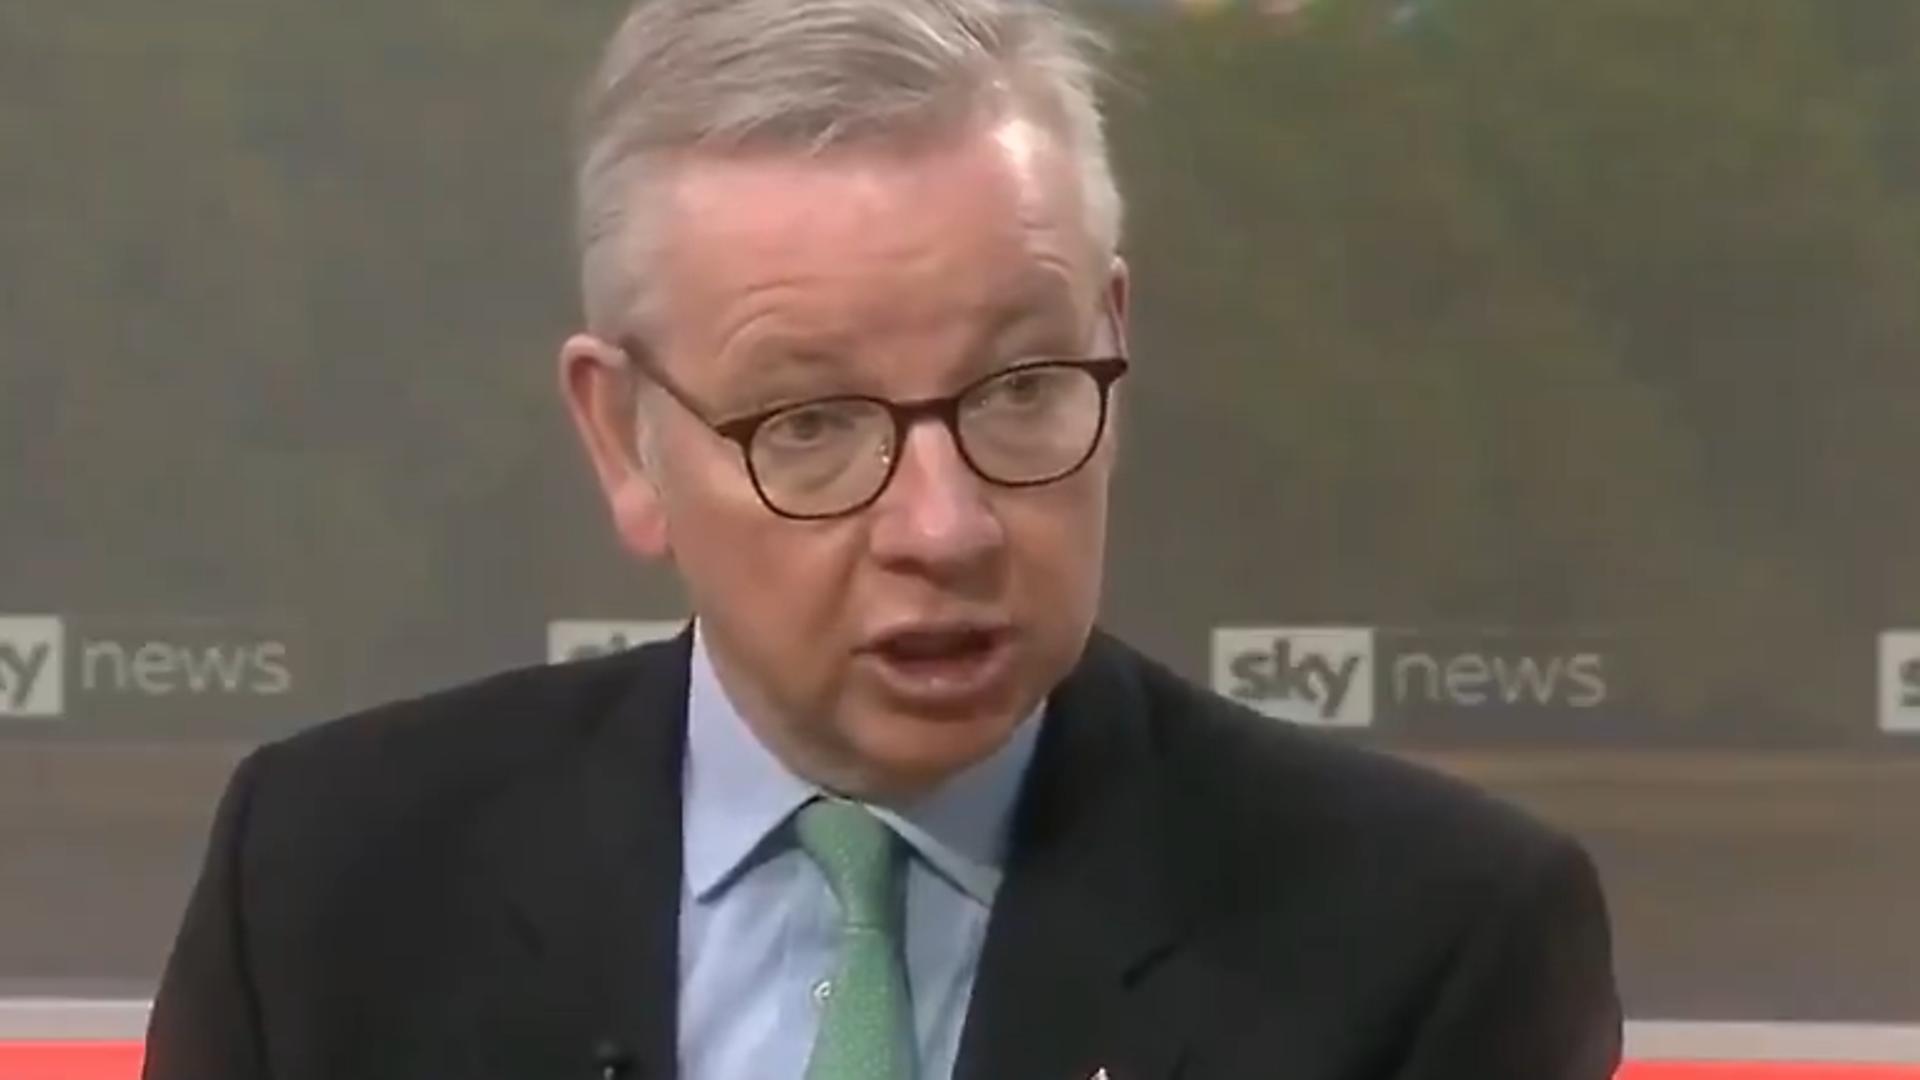 Michael Gove on Sky News - Credit: Sky News